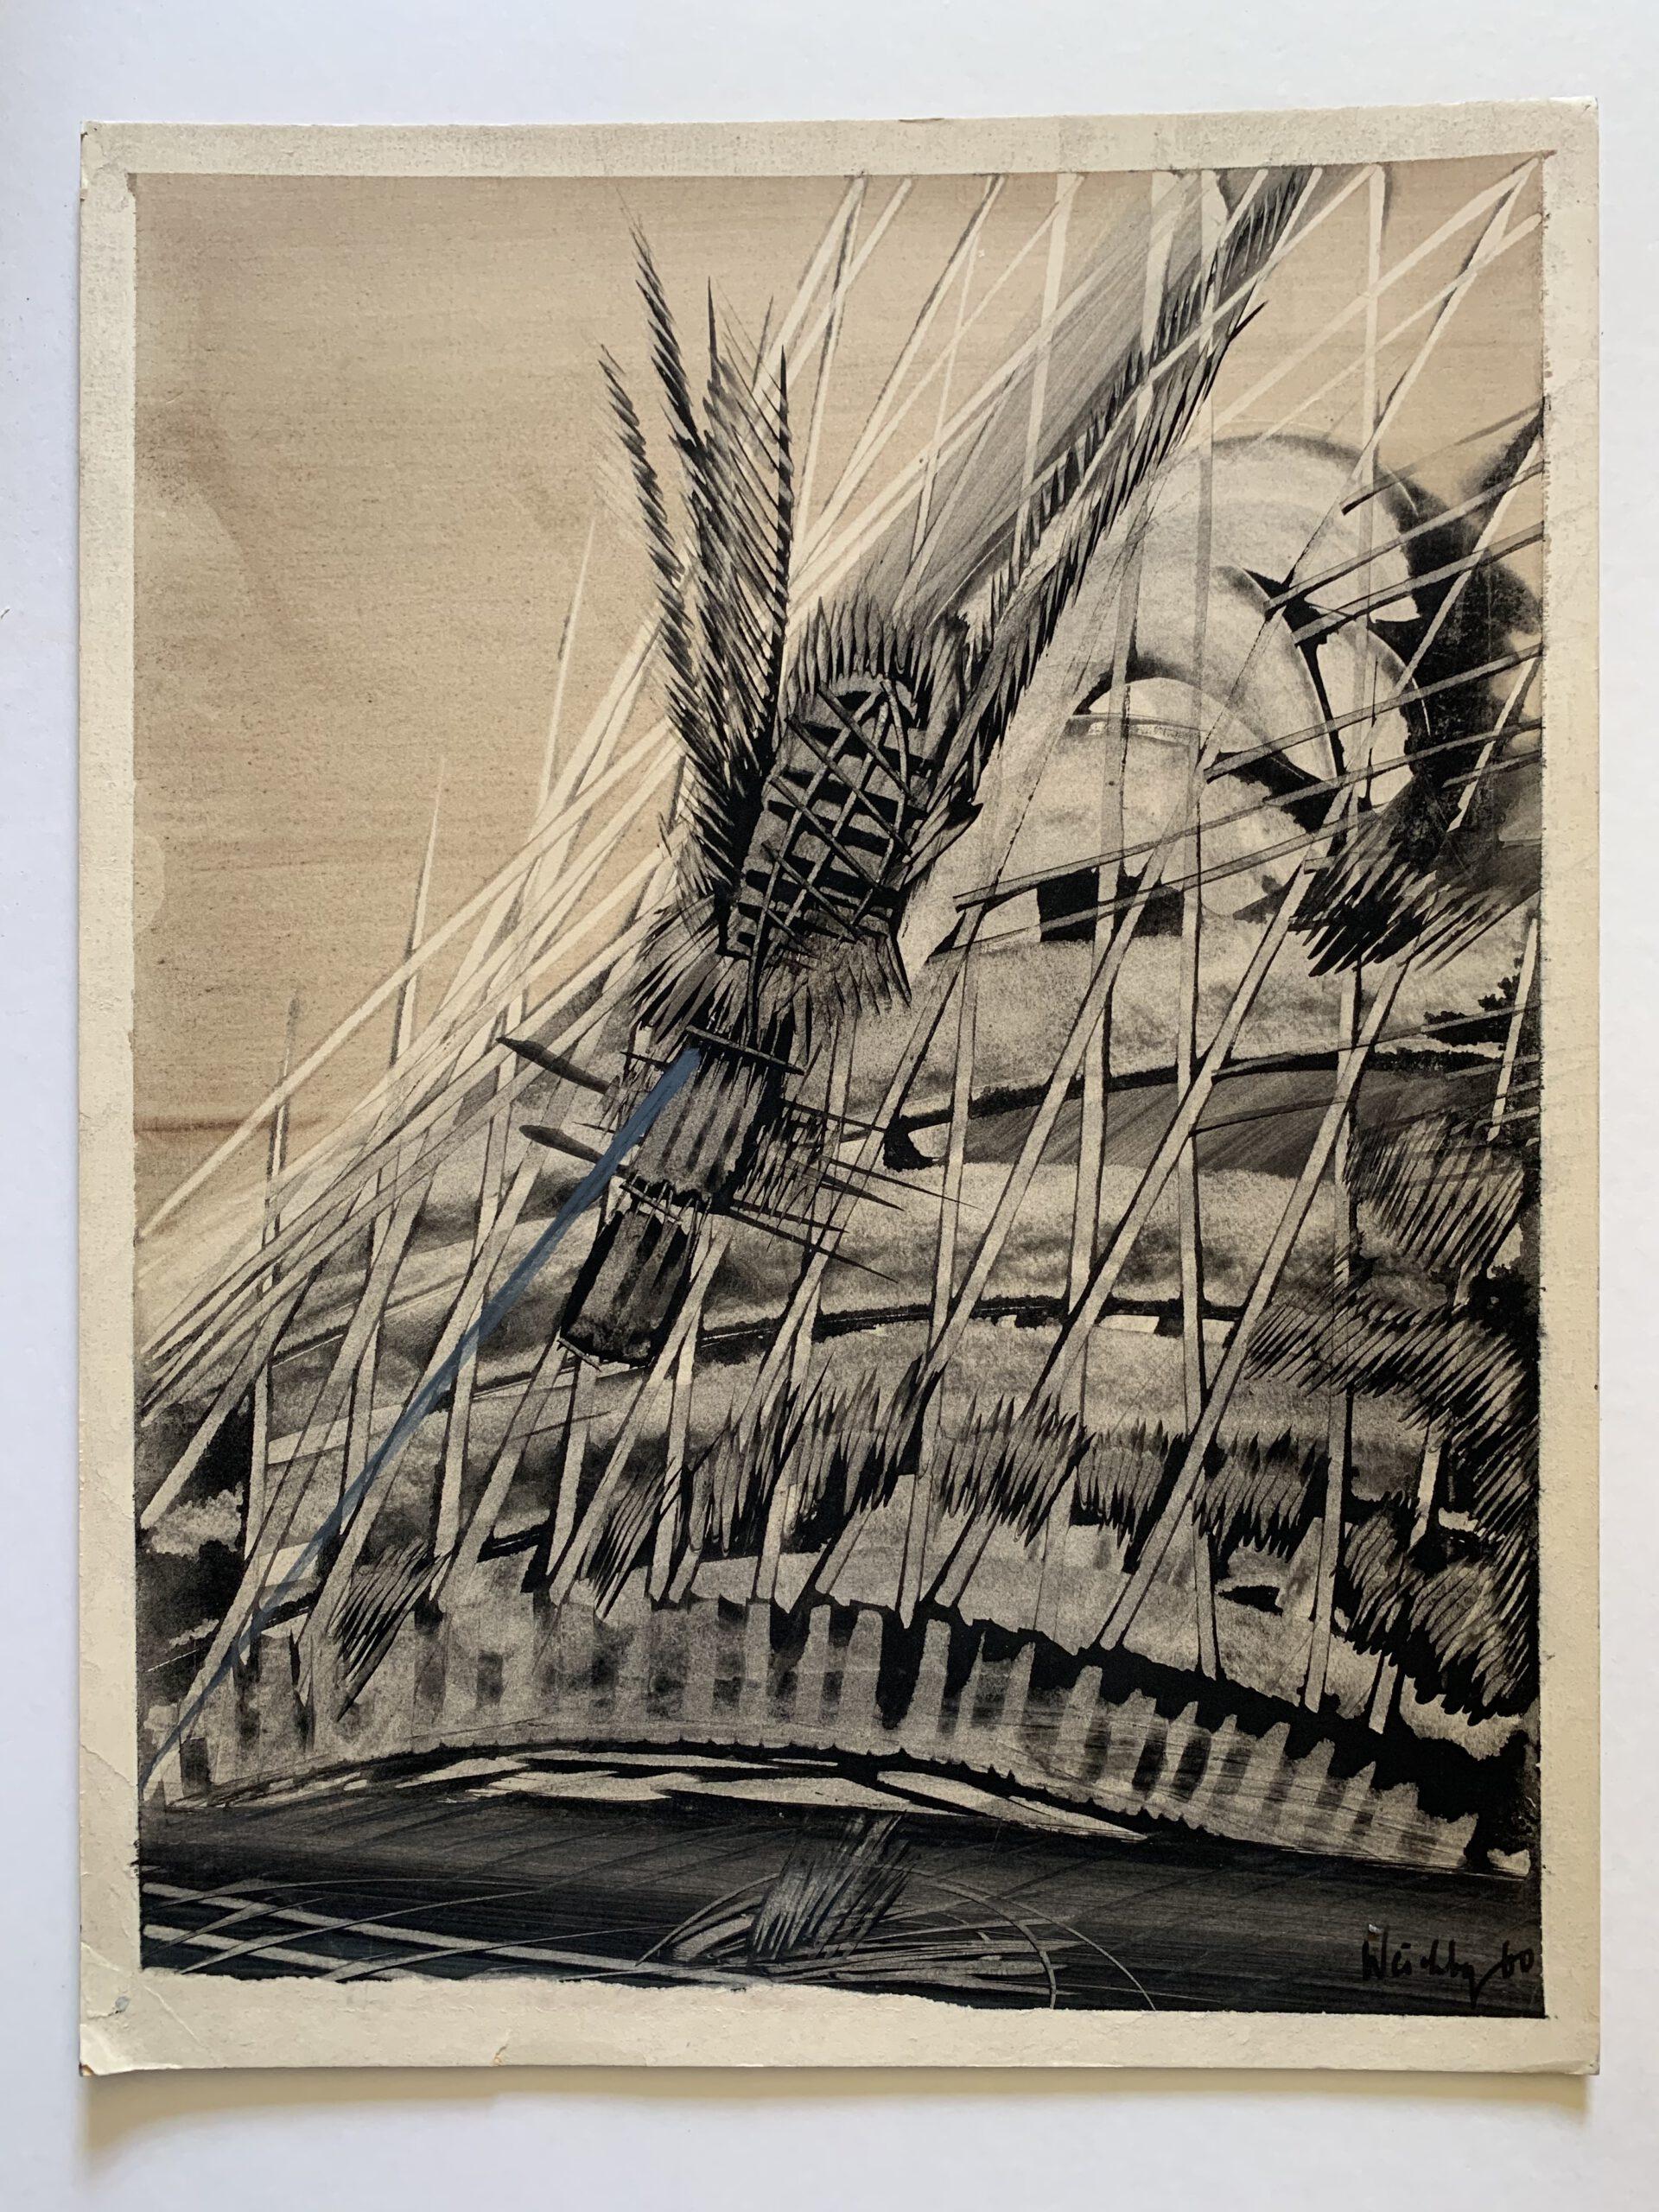 Philipp Weichberger, tachistische Komposition, lot 3